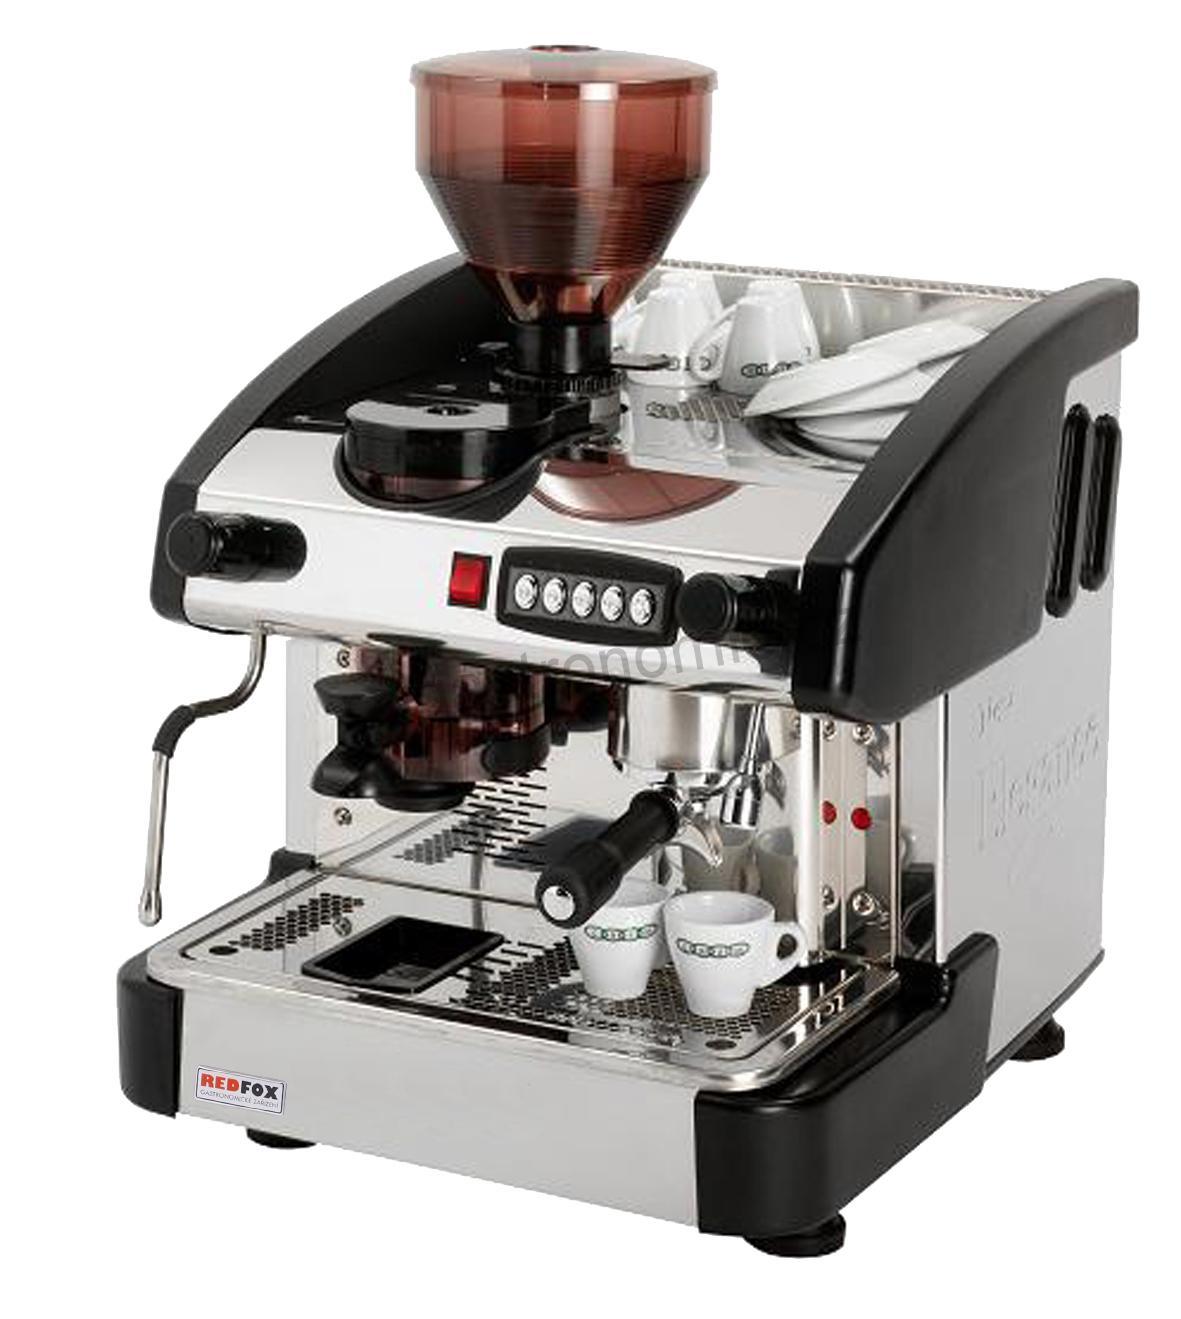 Kávovar jednopákový s mlýnkem - černý EMC 1P/B/M/C